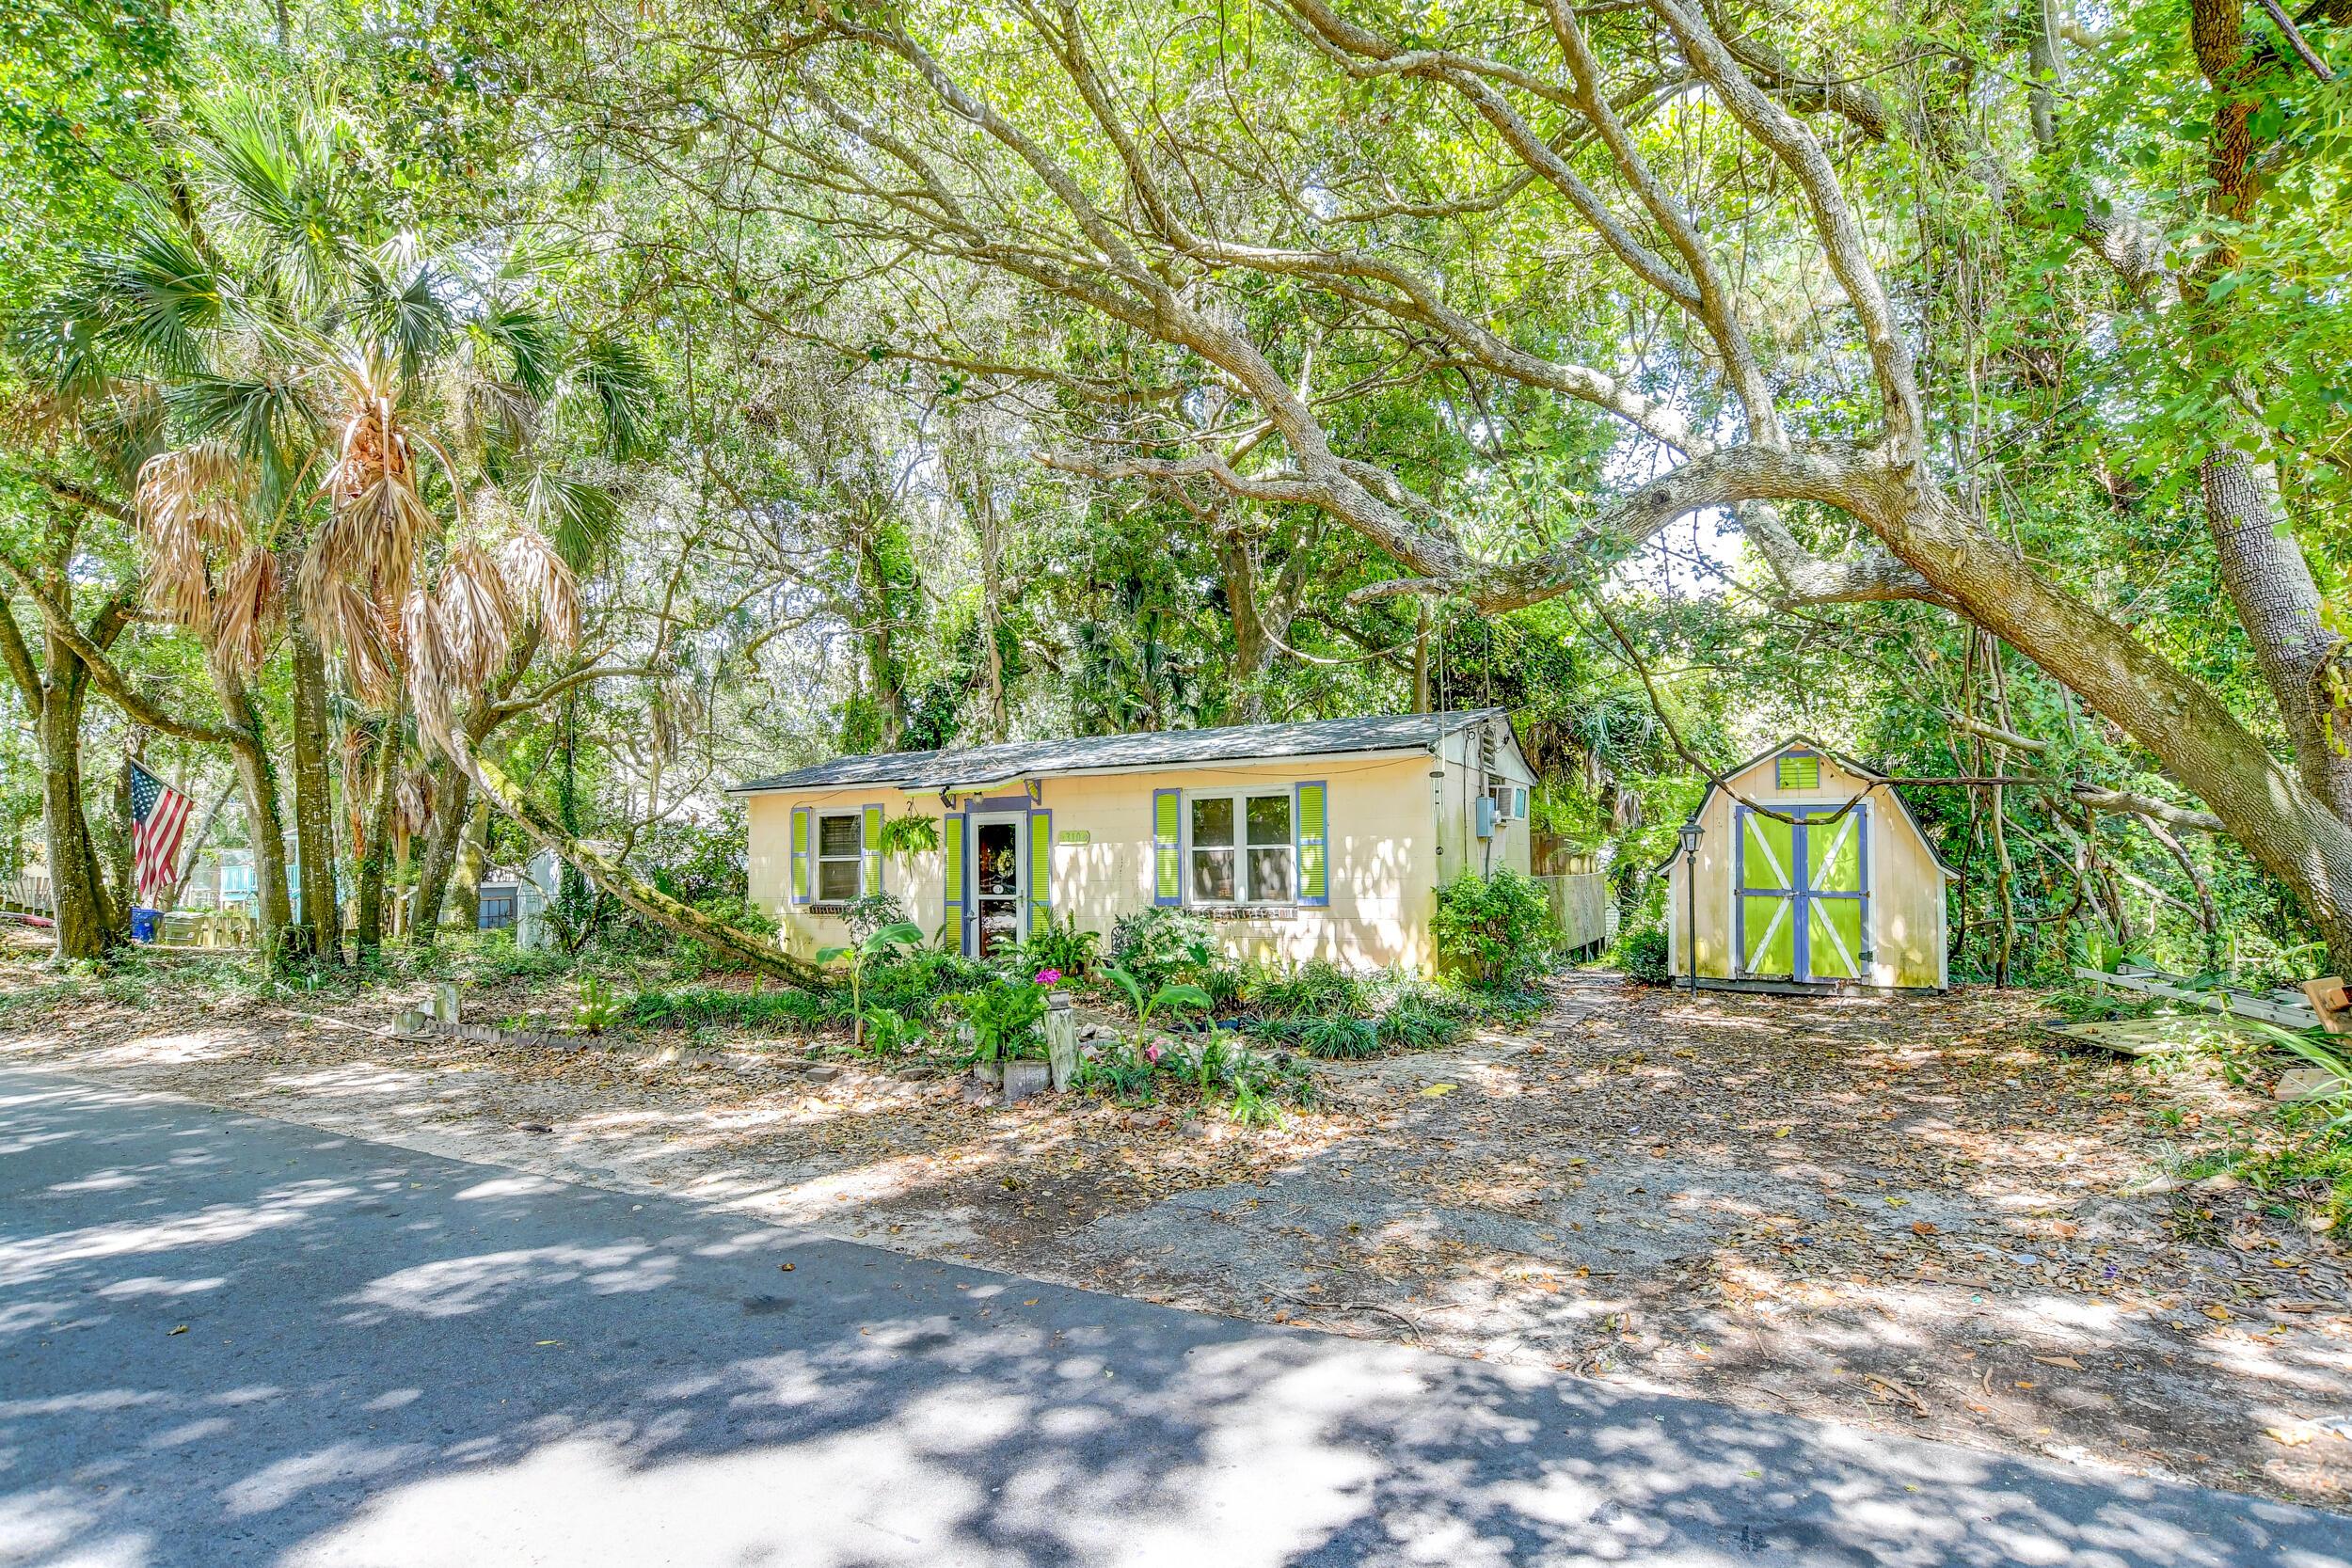 Folly Beach Homes For Sale - 310 Hudson, Folly Beach, SC - 10